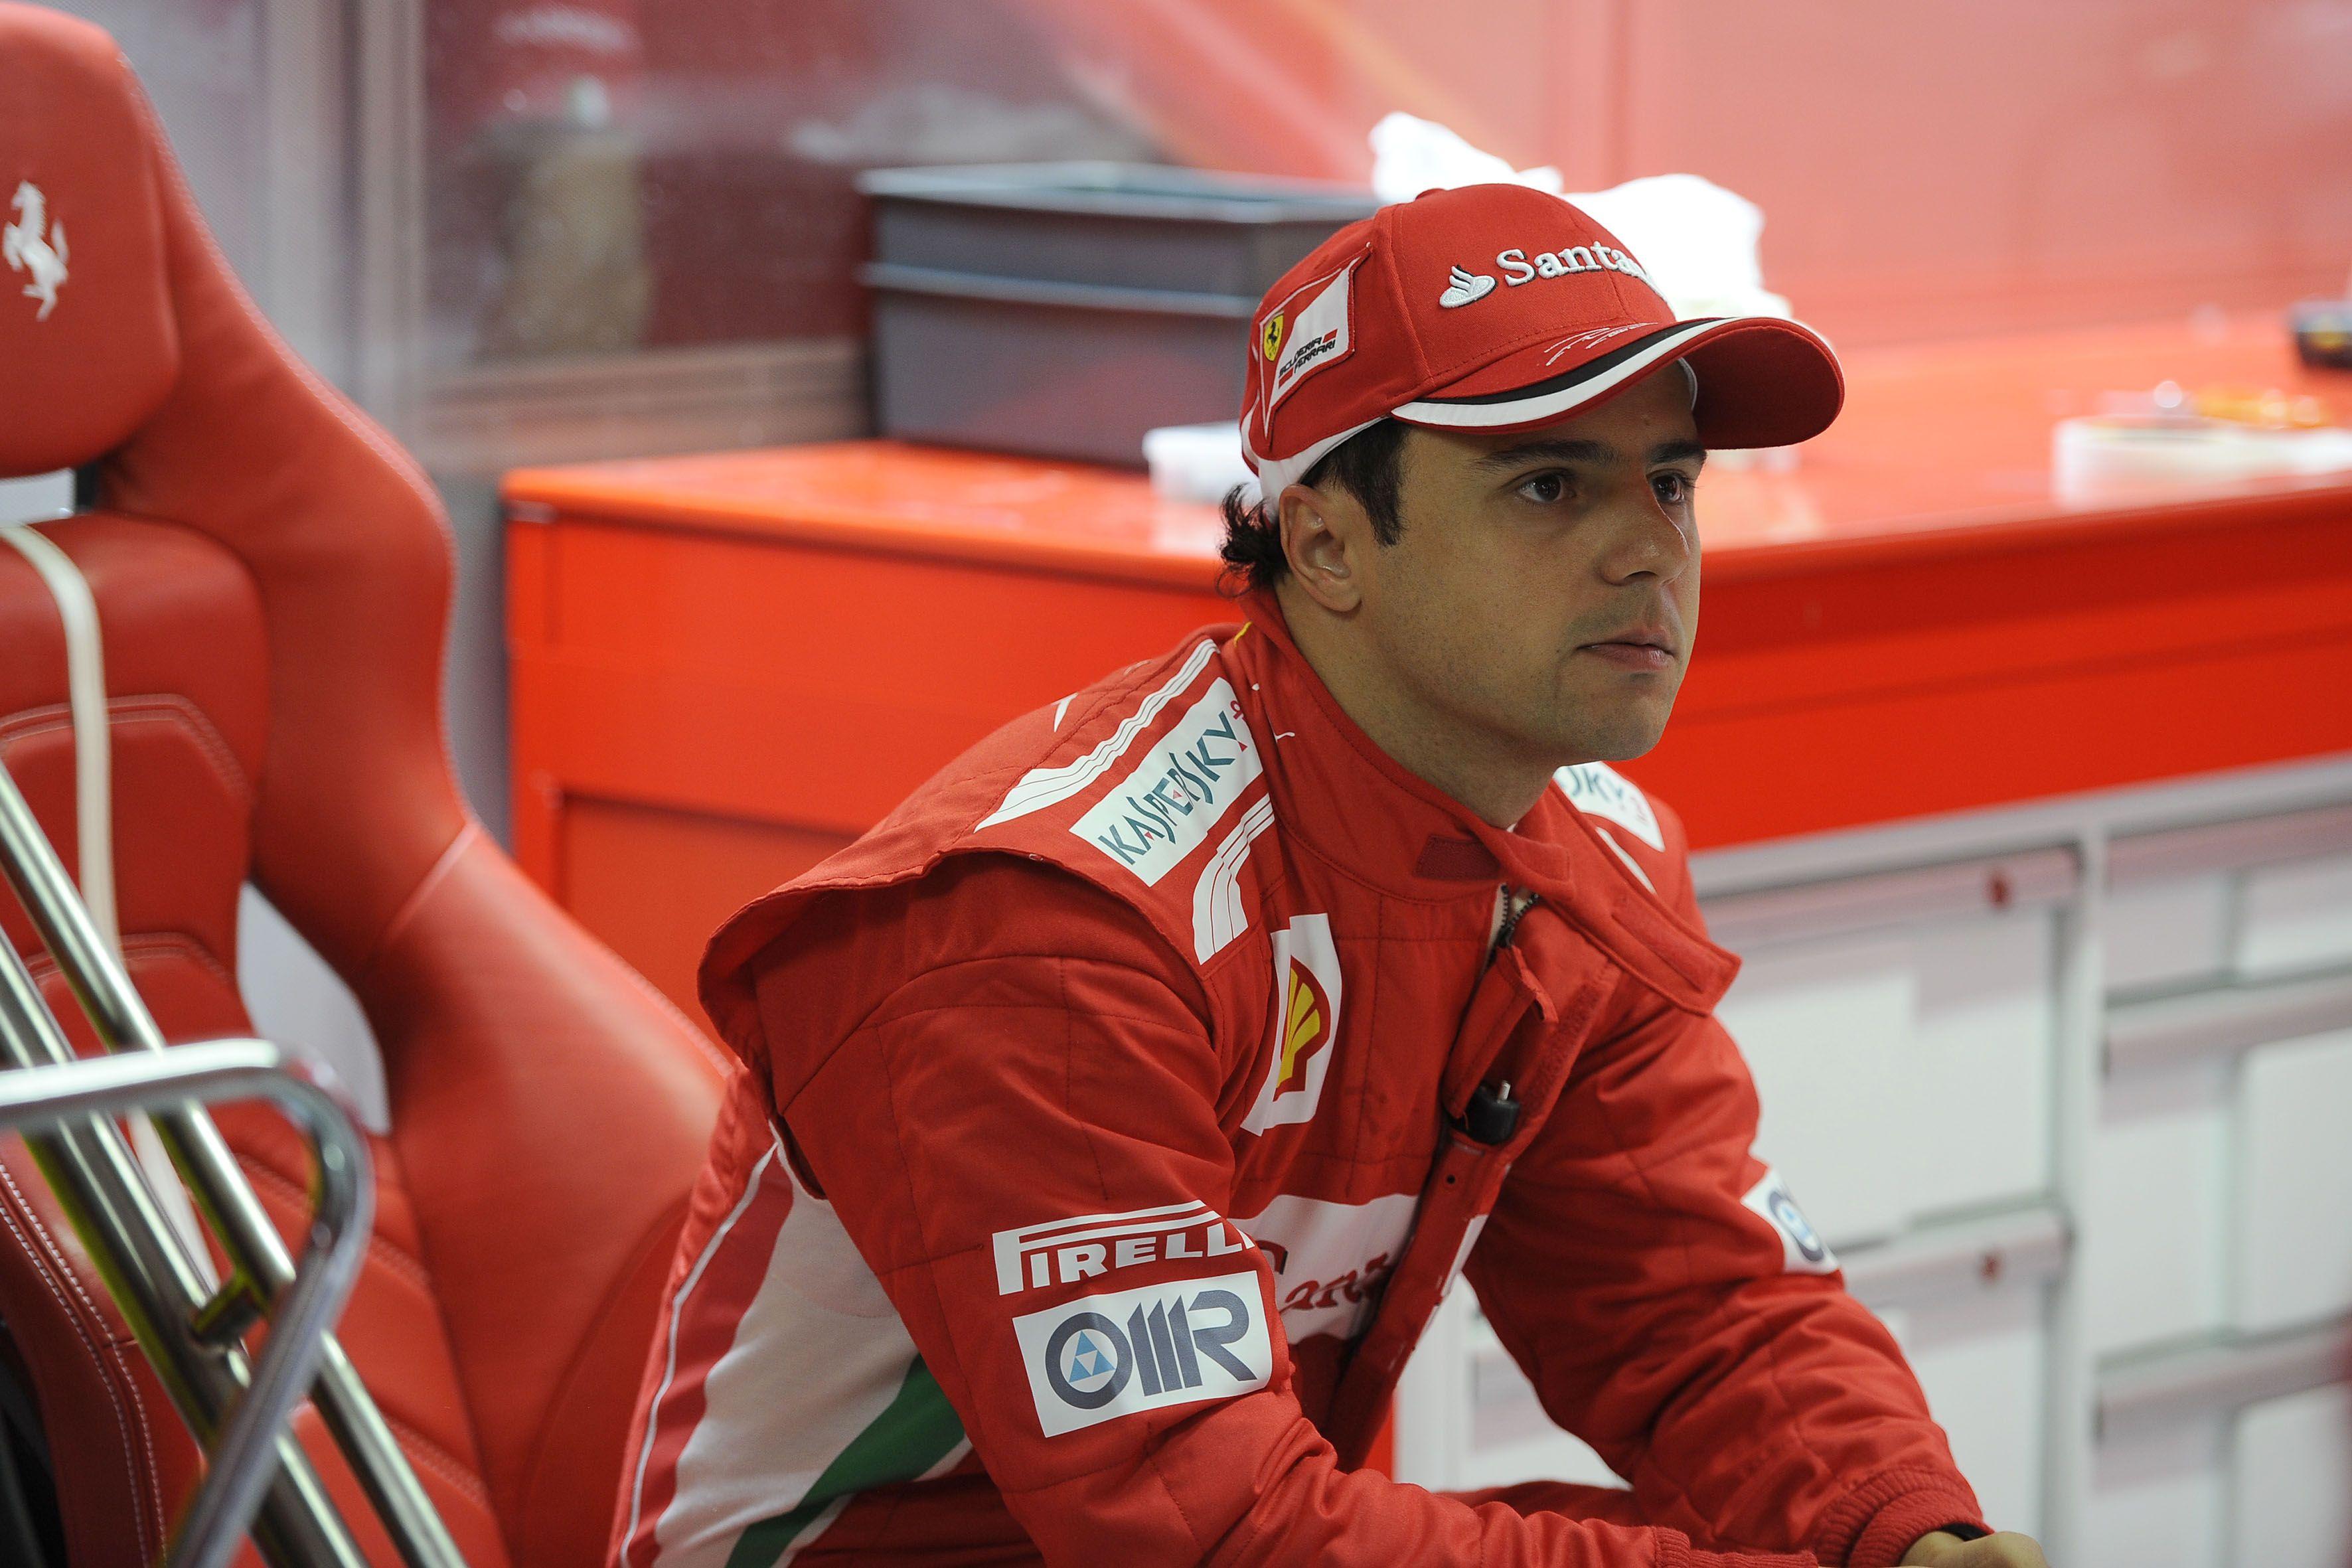 Felipe Massa Ferrari Seat